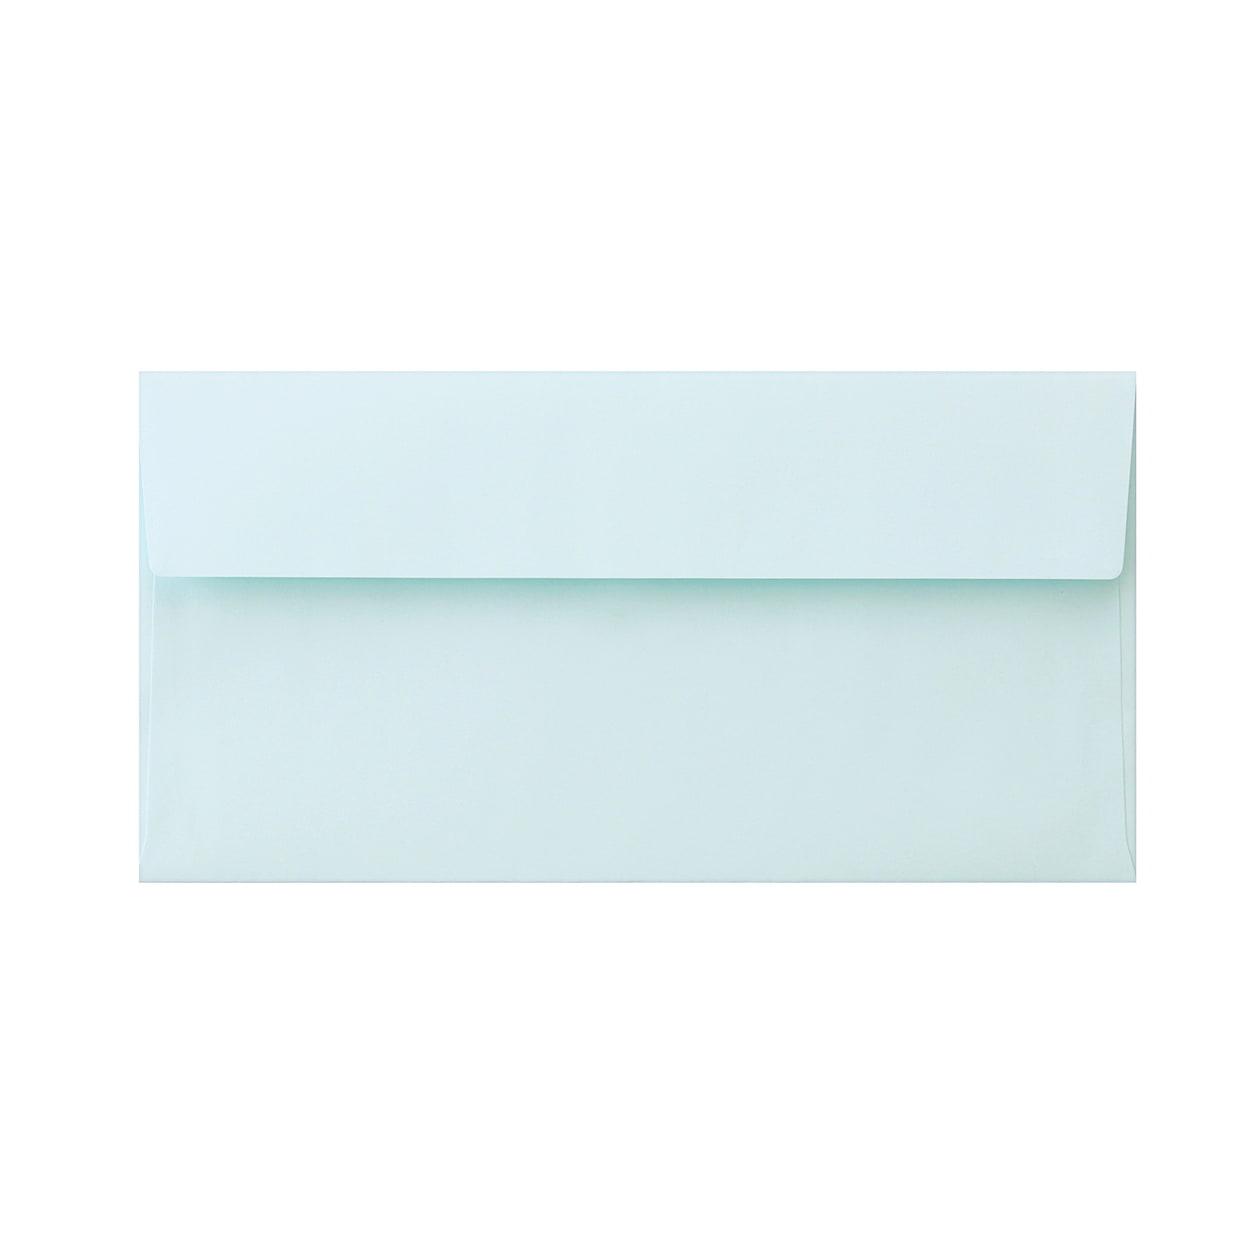 長3カマス封筒 上質カラー ブルー 90.7g